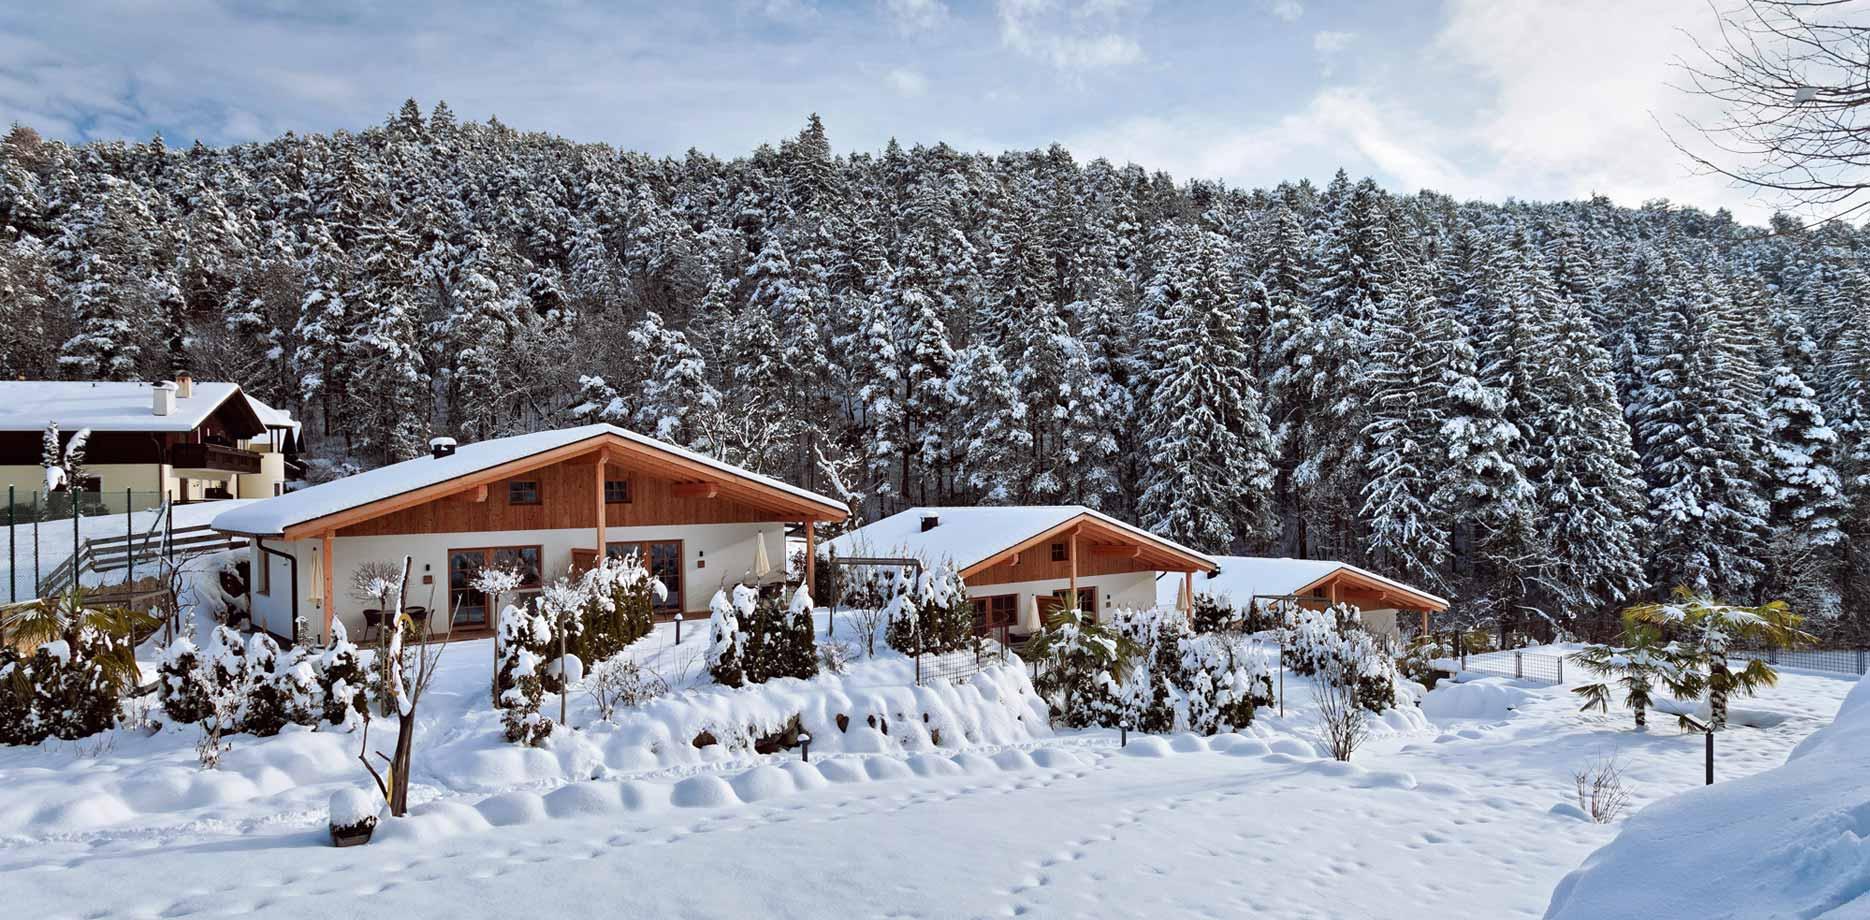 Chalet in Tisens - Winterurlaub bei Meran, Südtirol